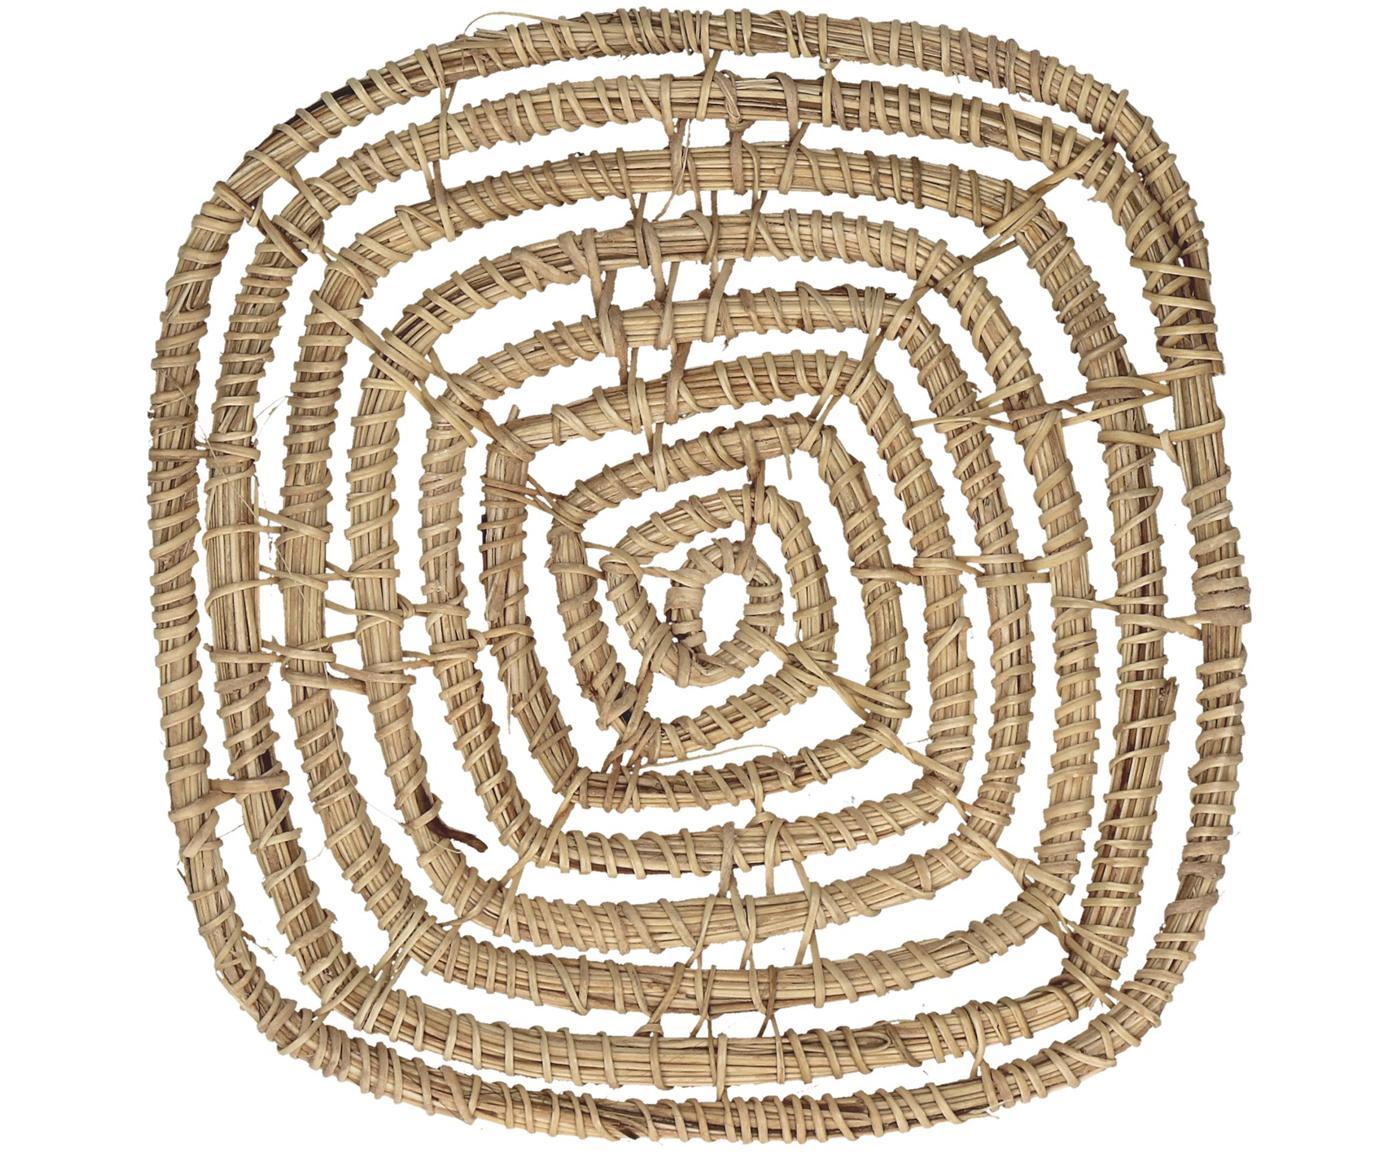 Podstawka Spirou, 4 szt., Rattan, Brązowy, S 12 x W 1 cm